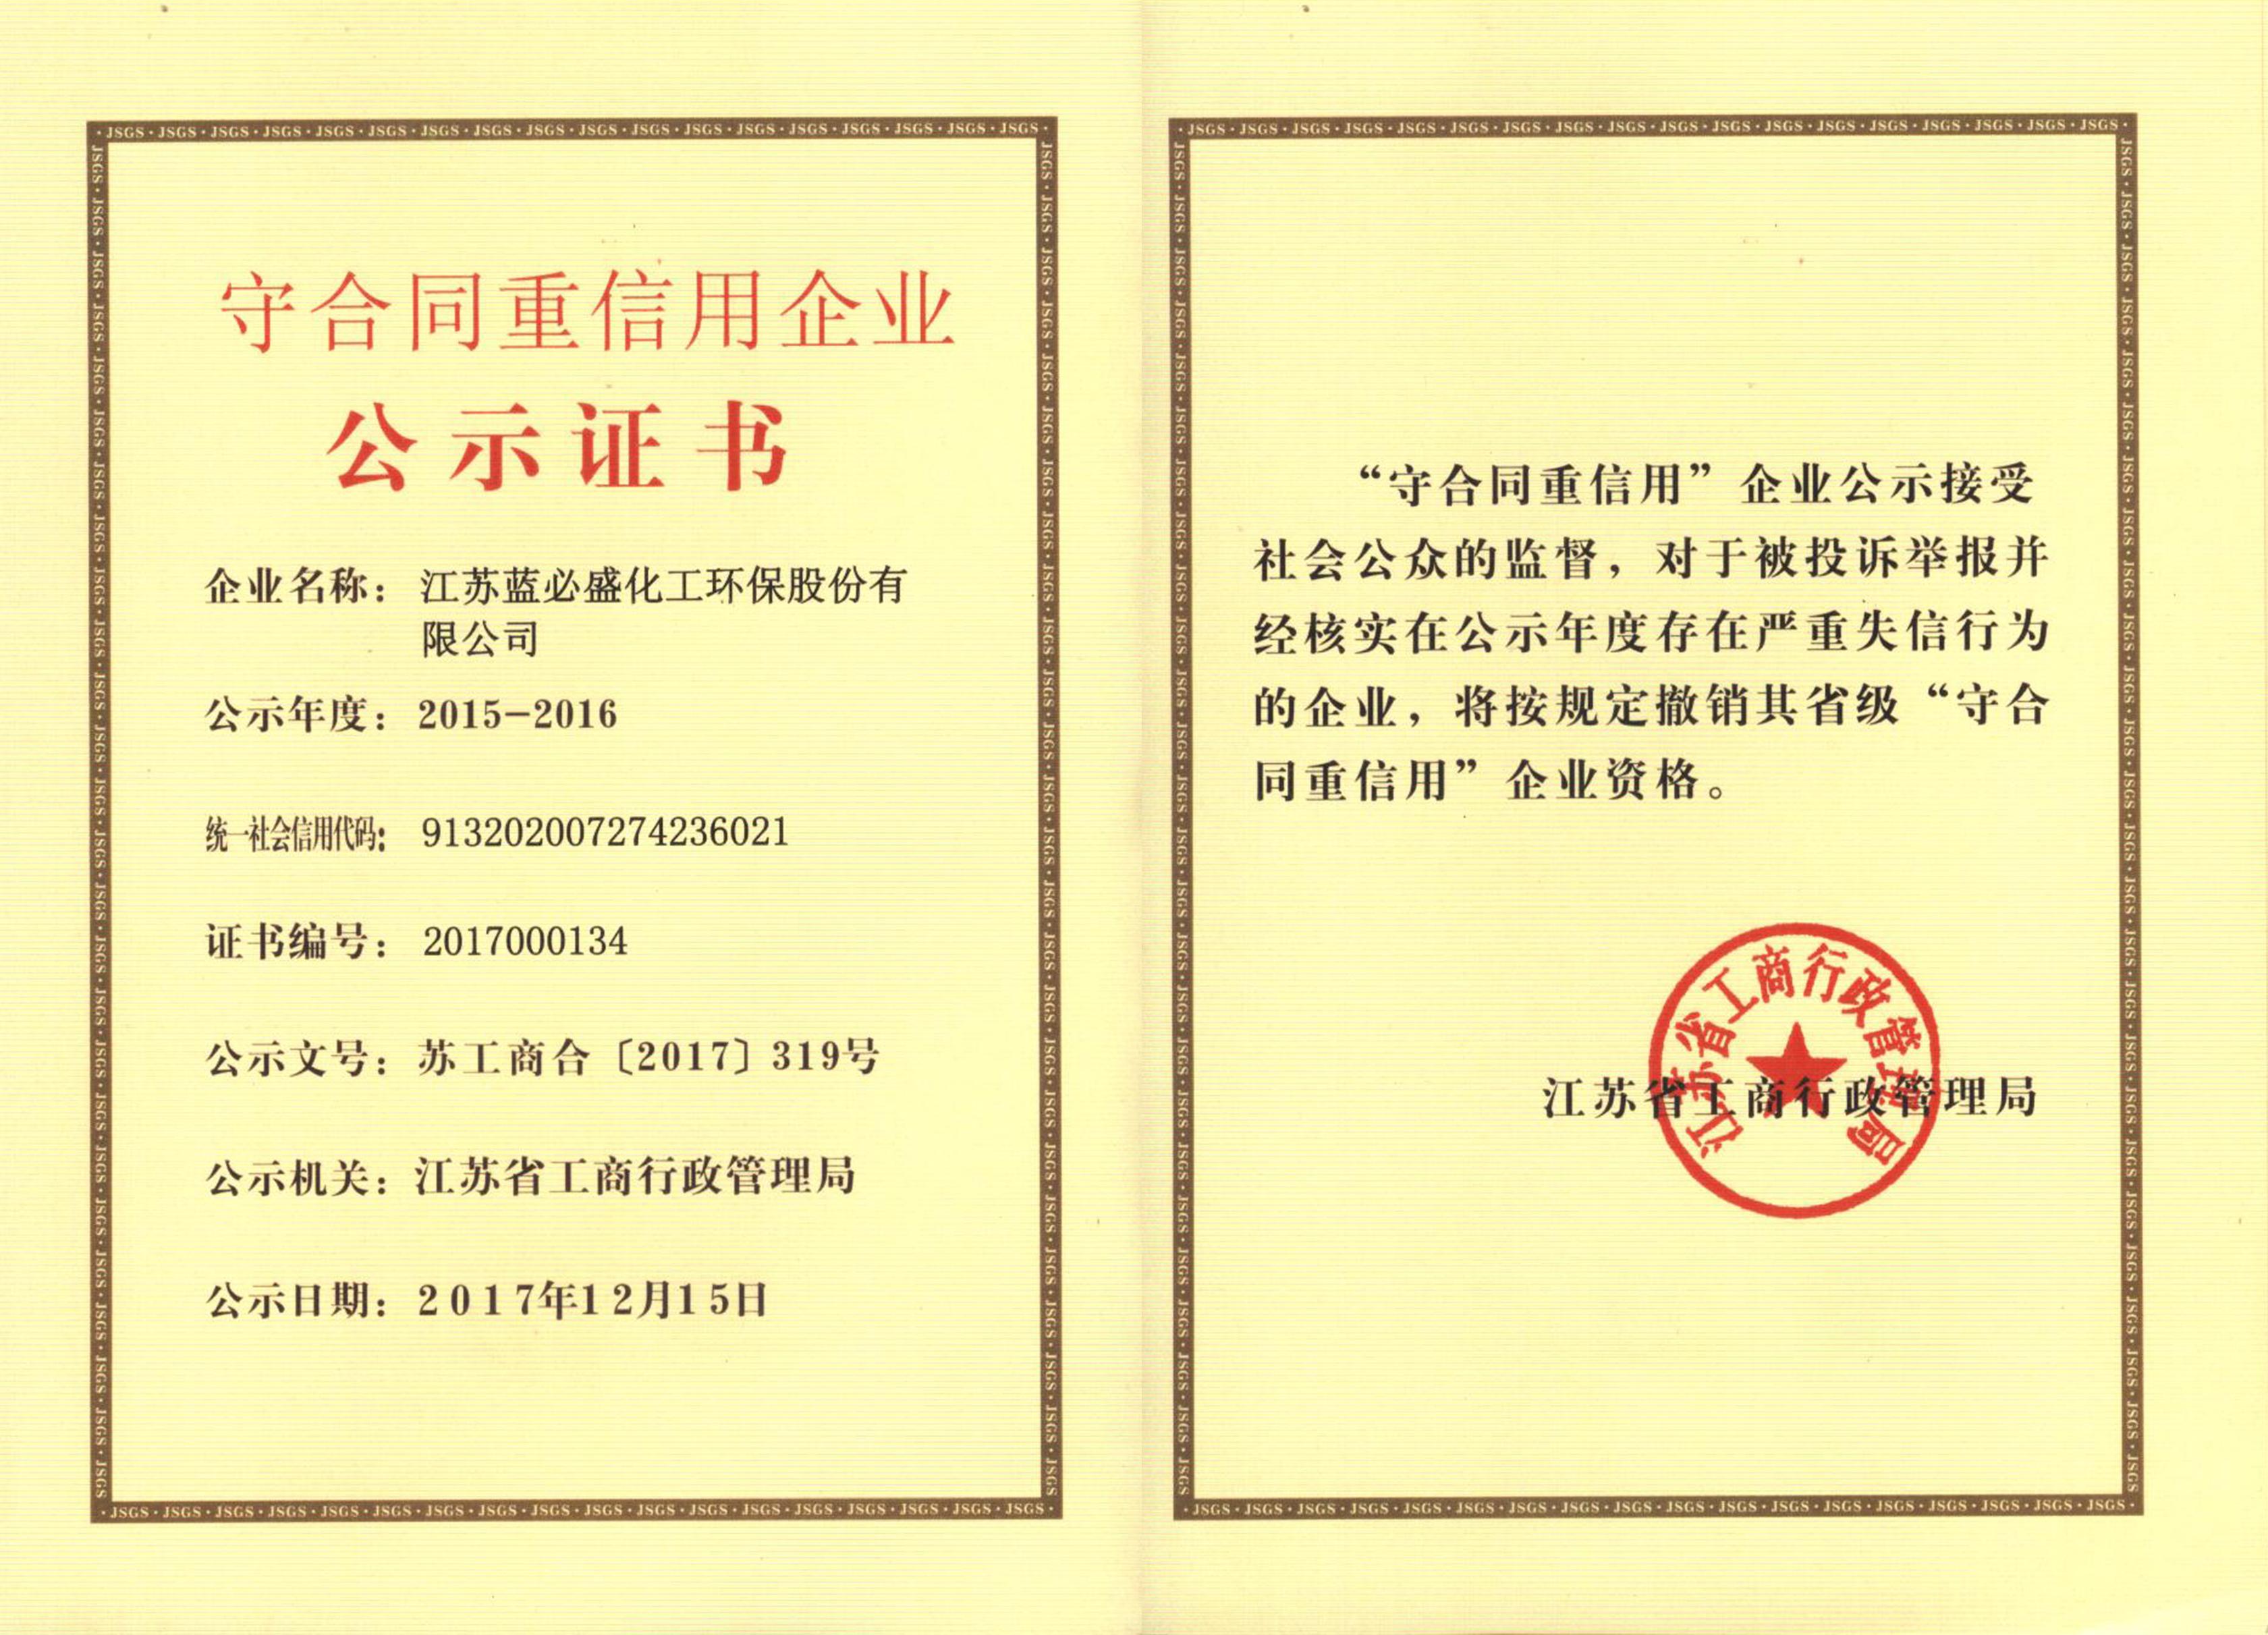 蓝必盛-江苏省企业信用管理贯标证书